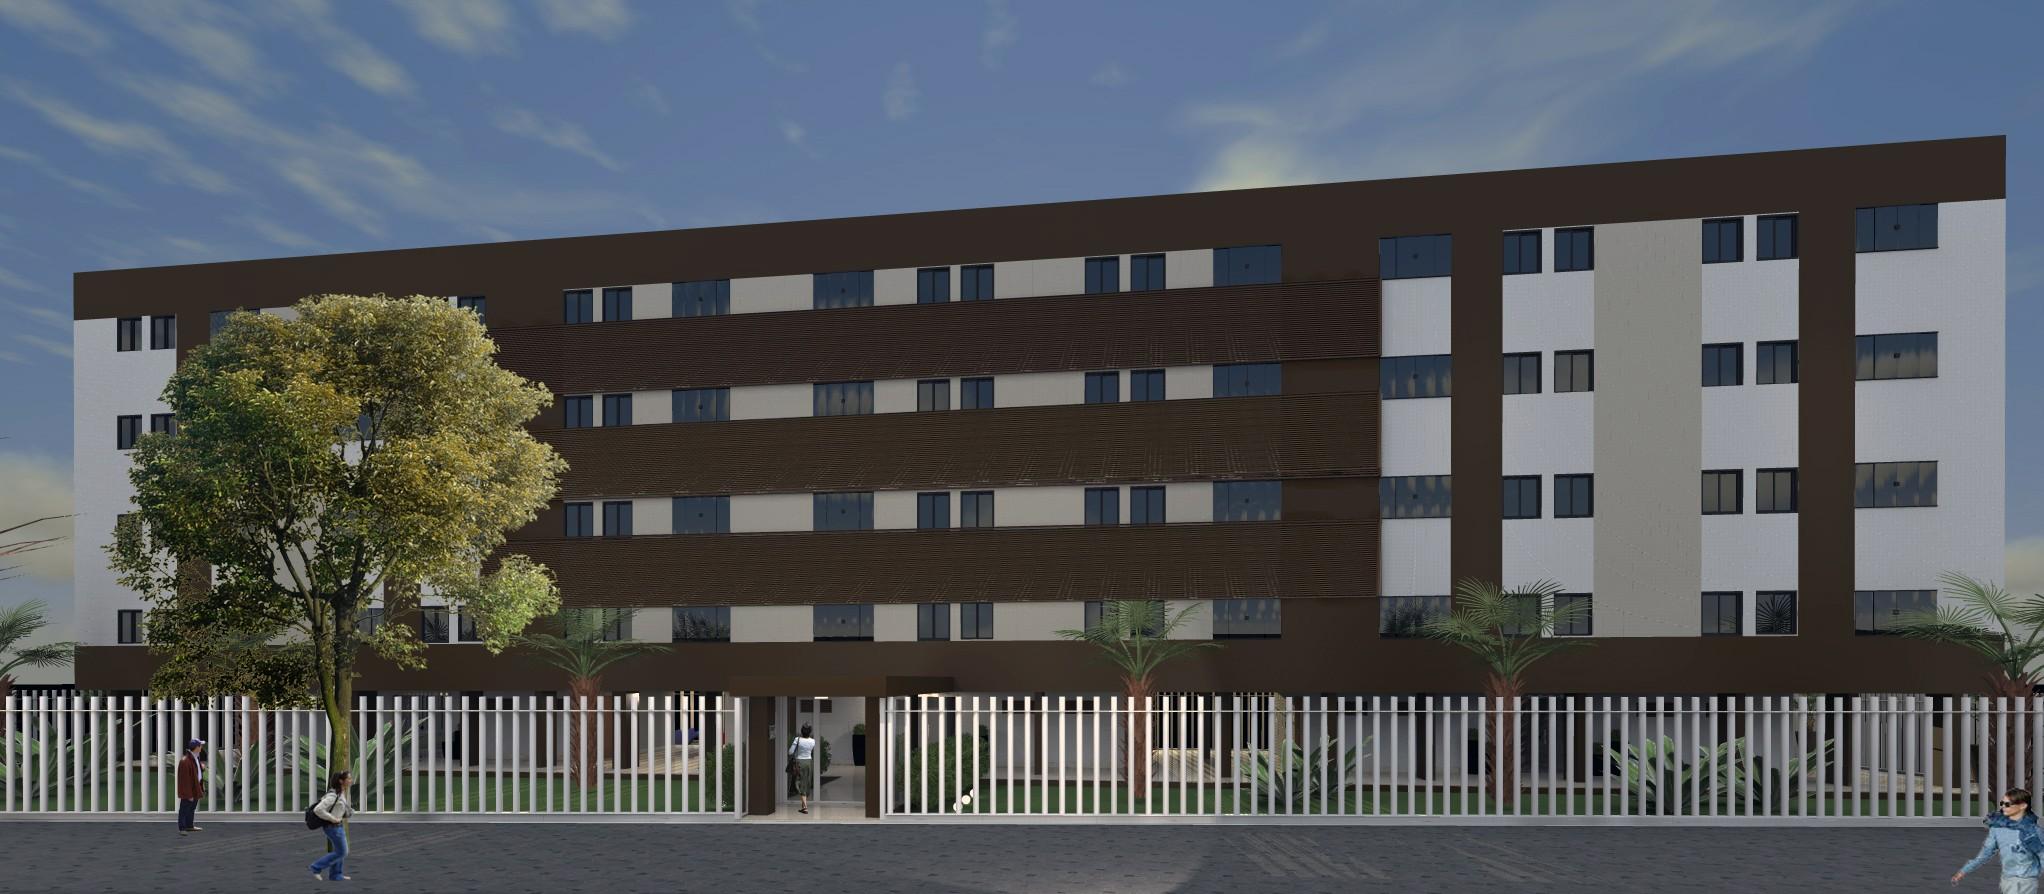 Reforma de Fachada e Portarias em Edifício Residencial